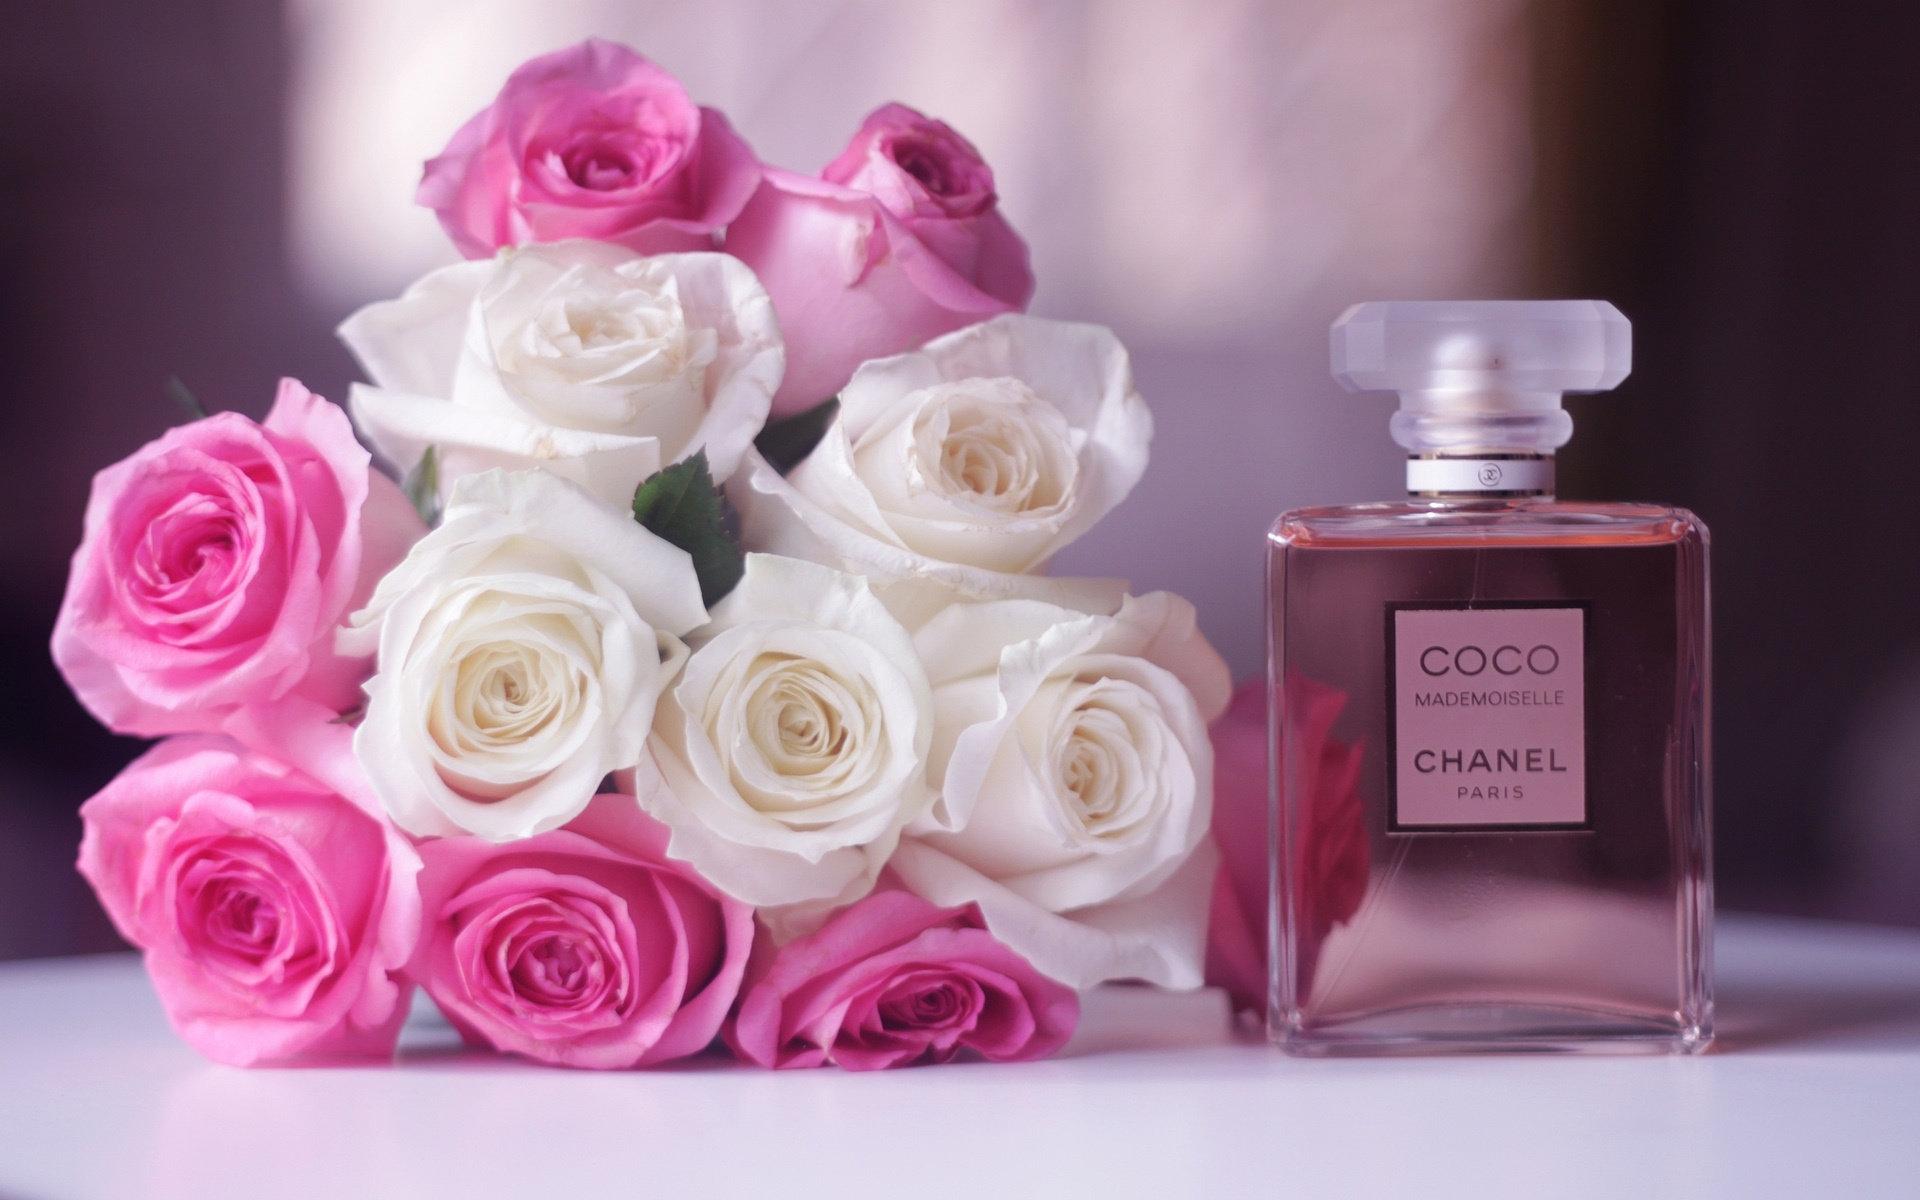 香水选择使用技巧  让你拥有女人香